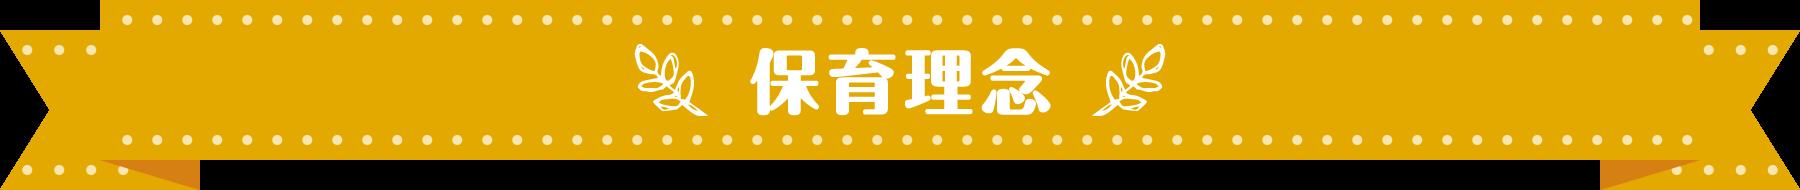 ぽかぽか保育園の保育理念および保育理念